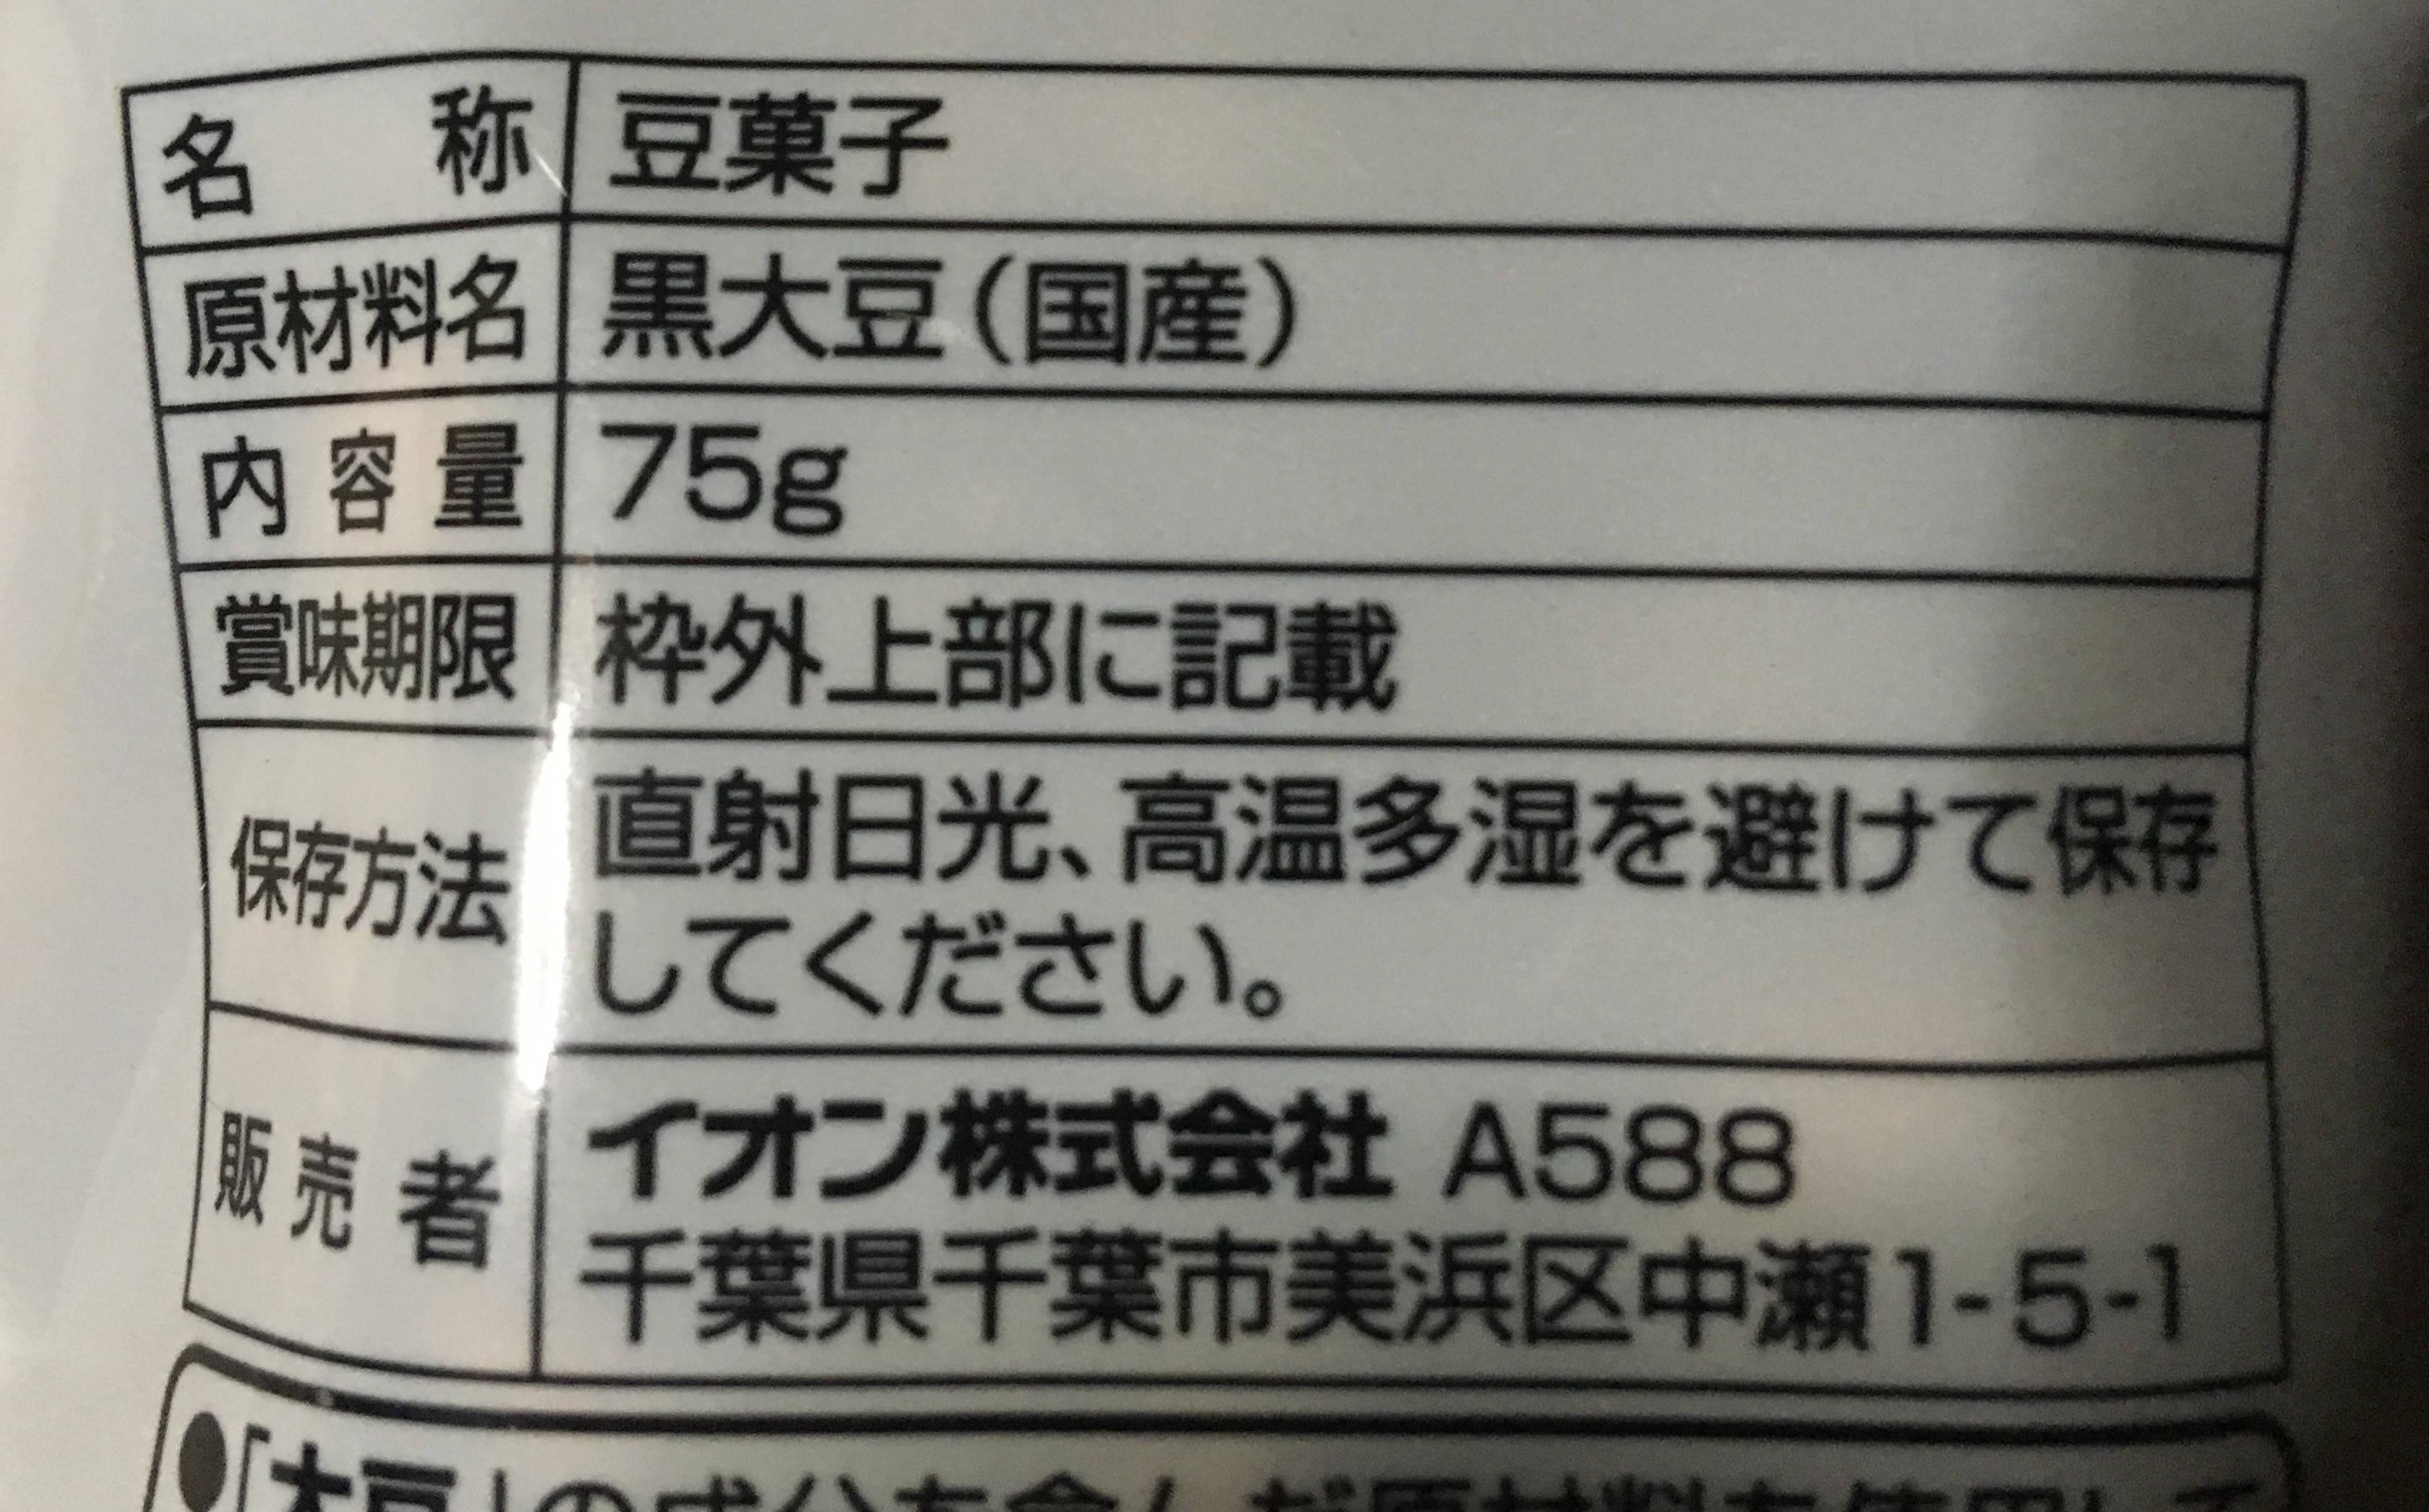 素煎り黒大豆 TOPVALUの原材料表示